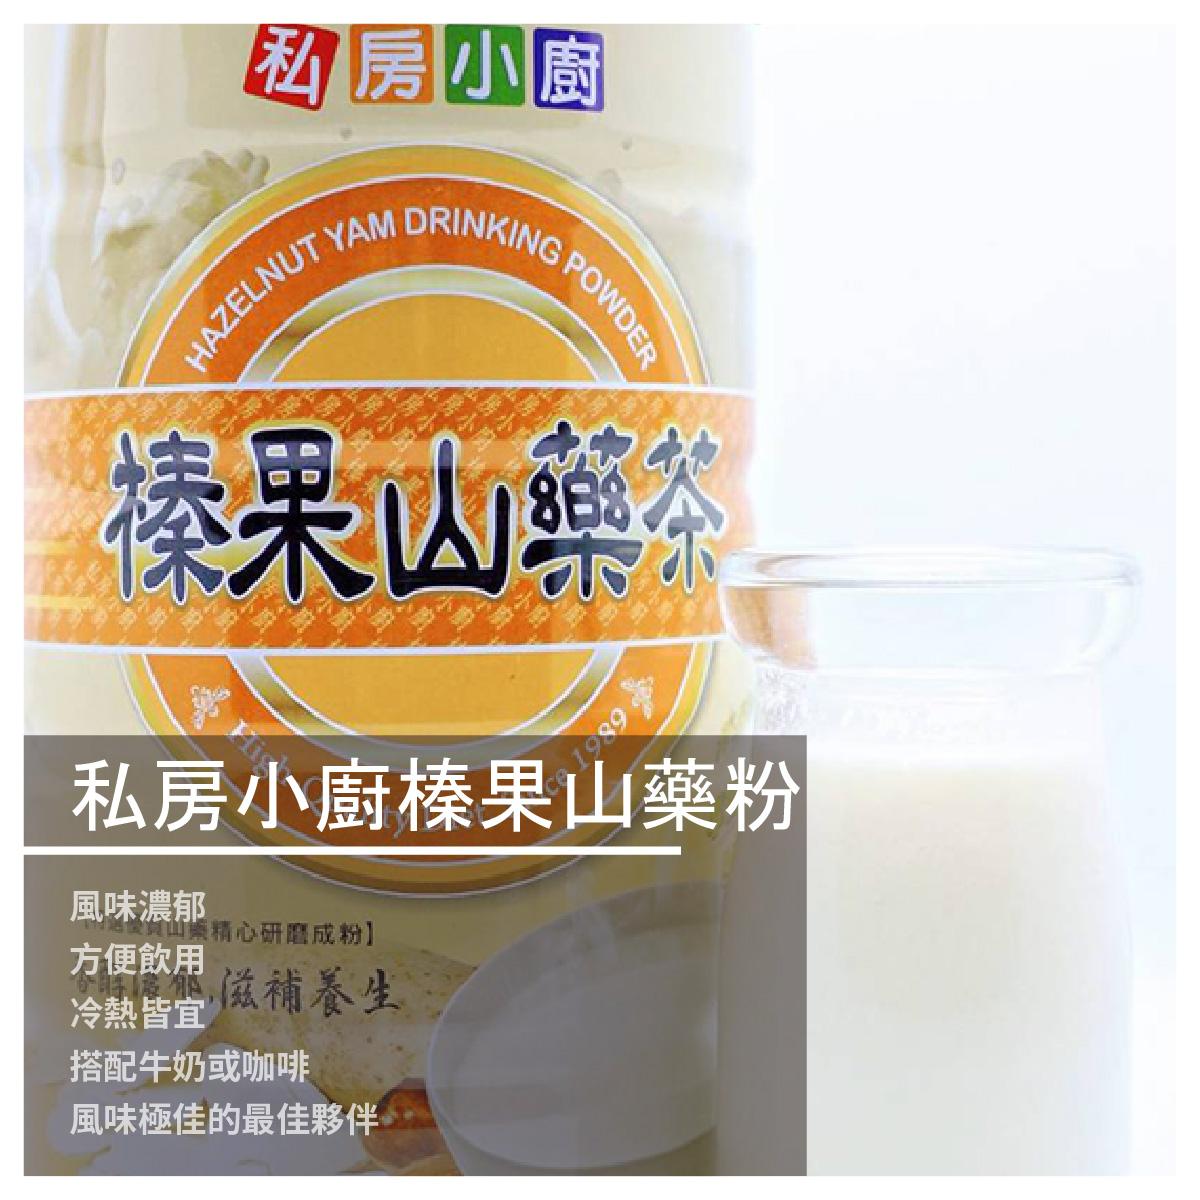 【淡水老街-哈味杏仁茶】私房小廚榛果山藥粉/罐